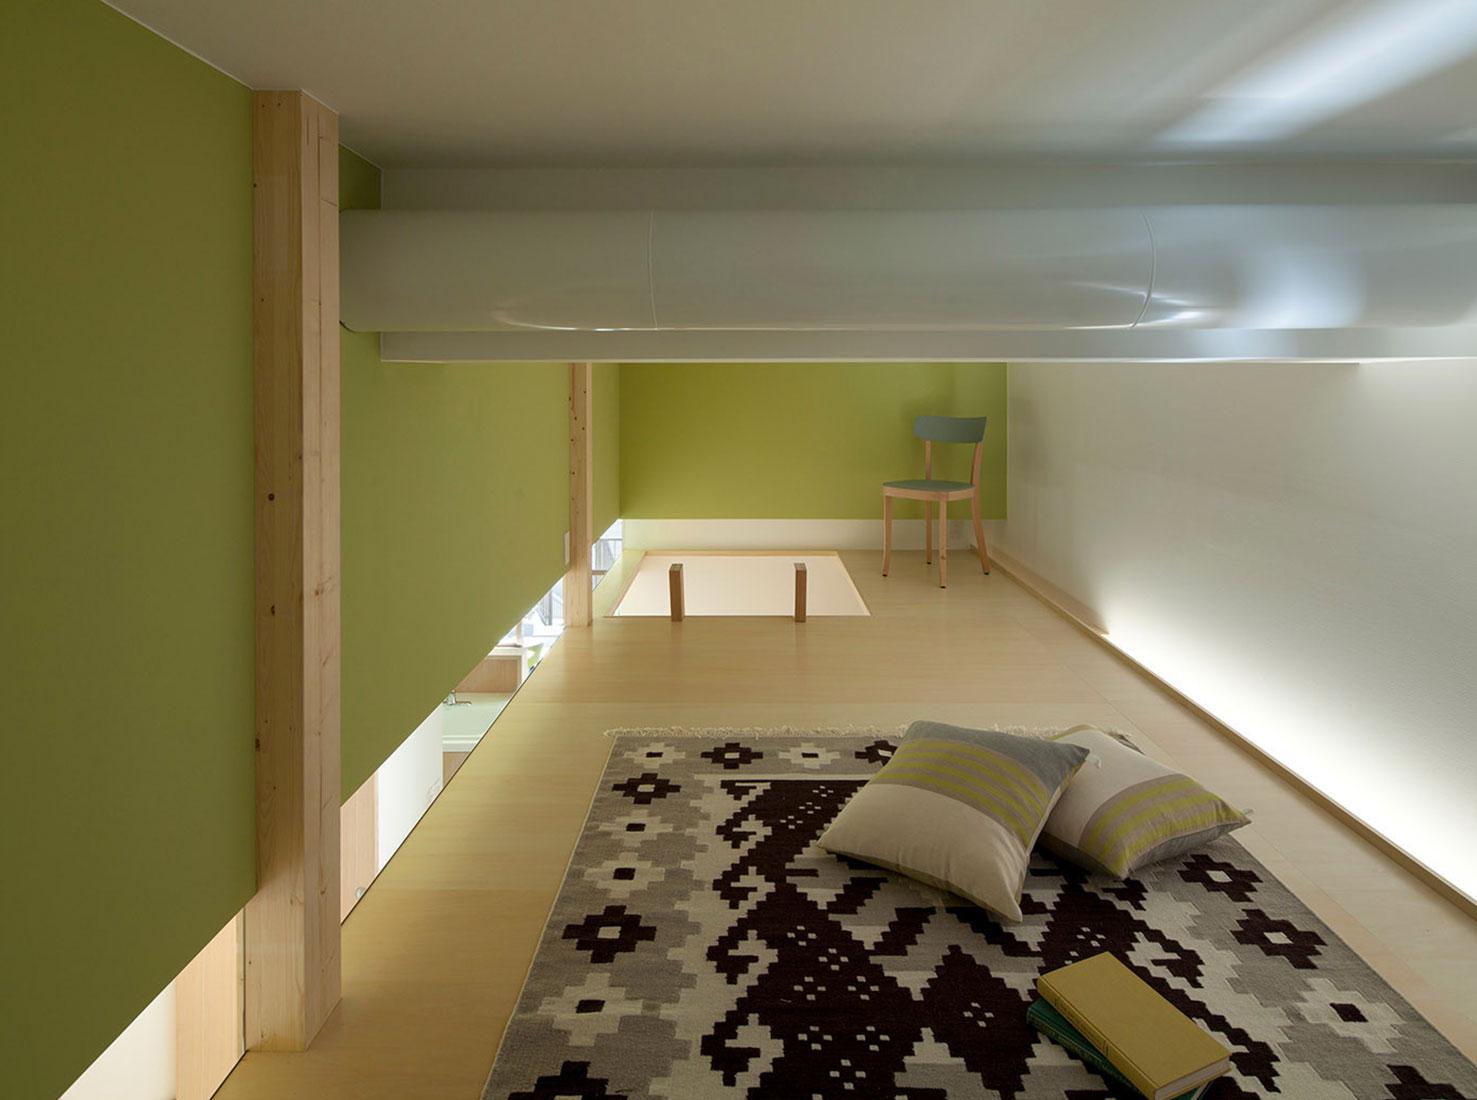 Дизайн квартиры 60 квадратных метров фото